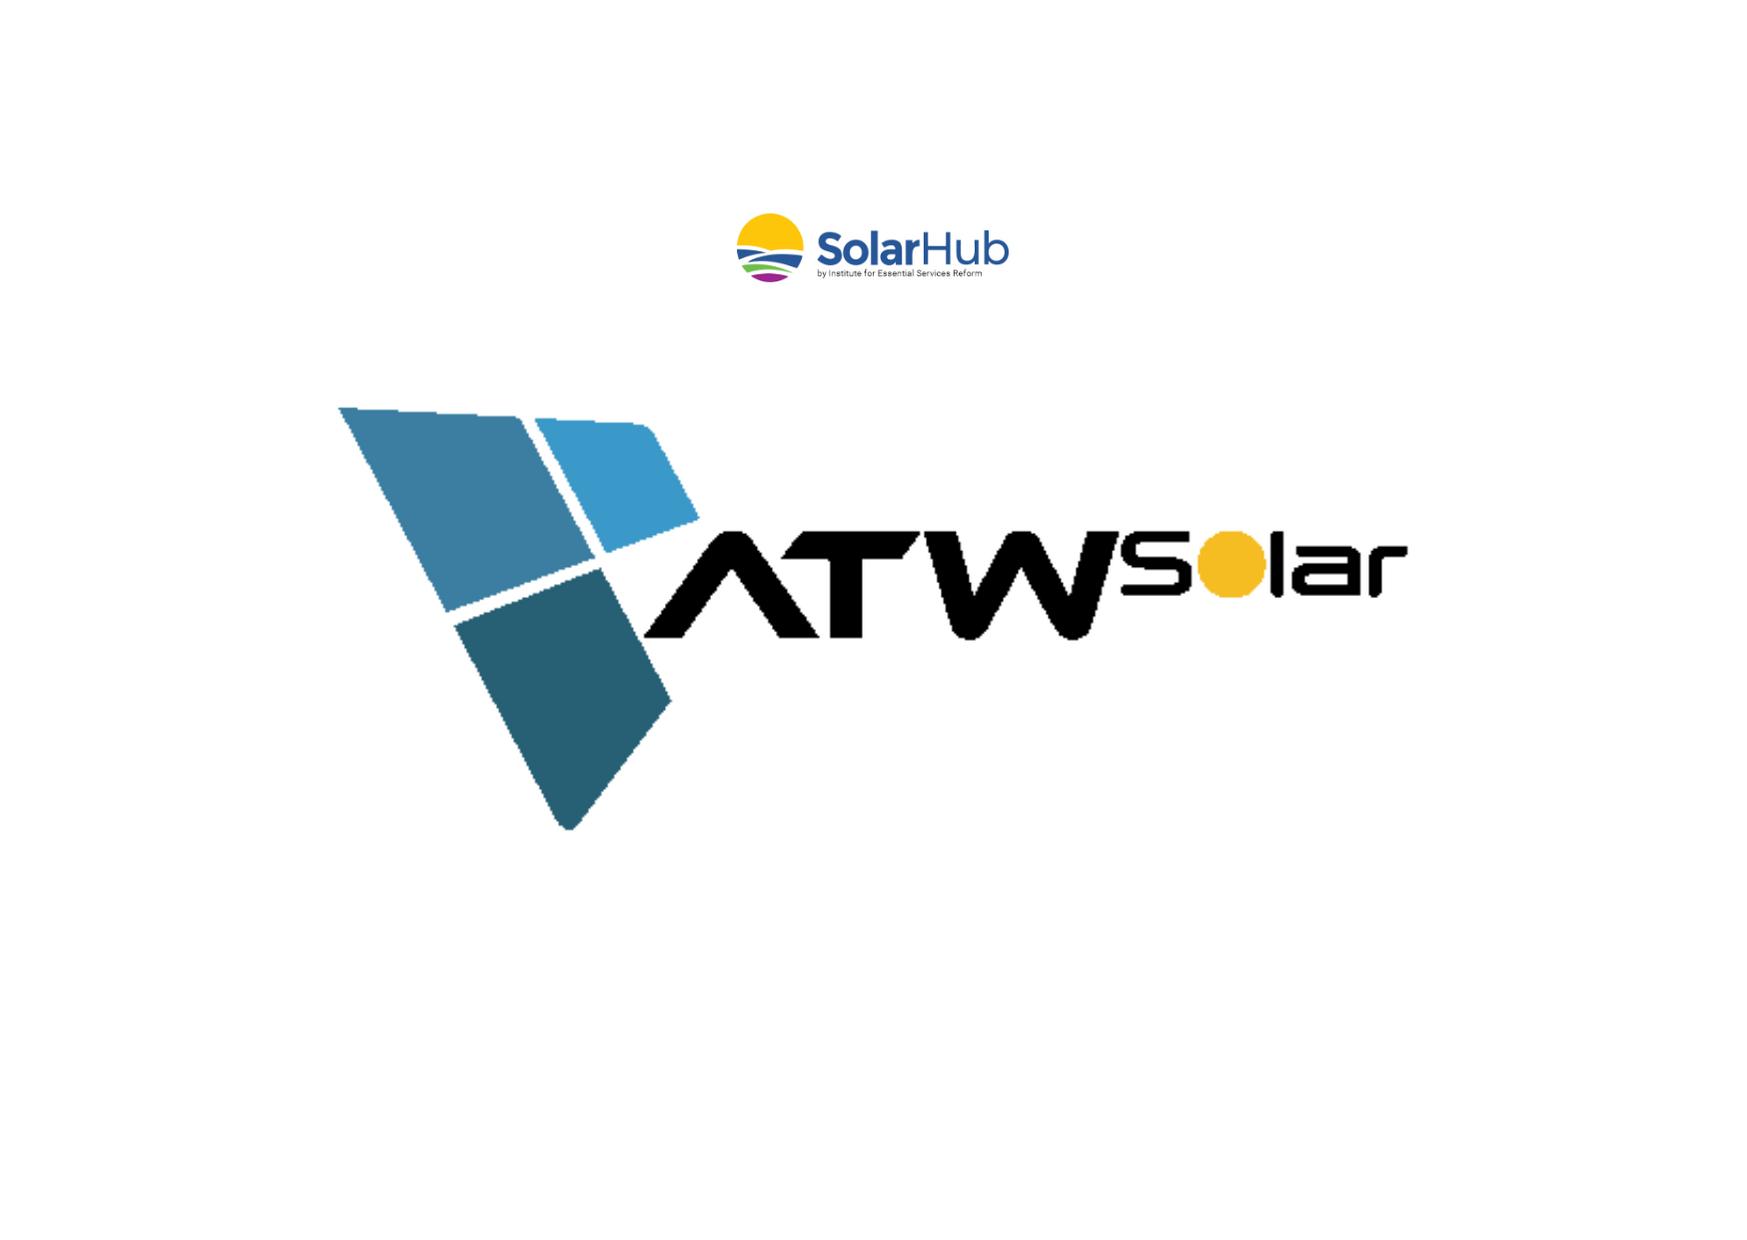 ATW Solar